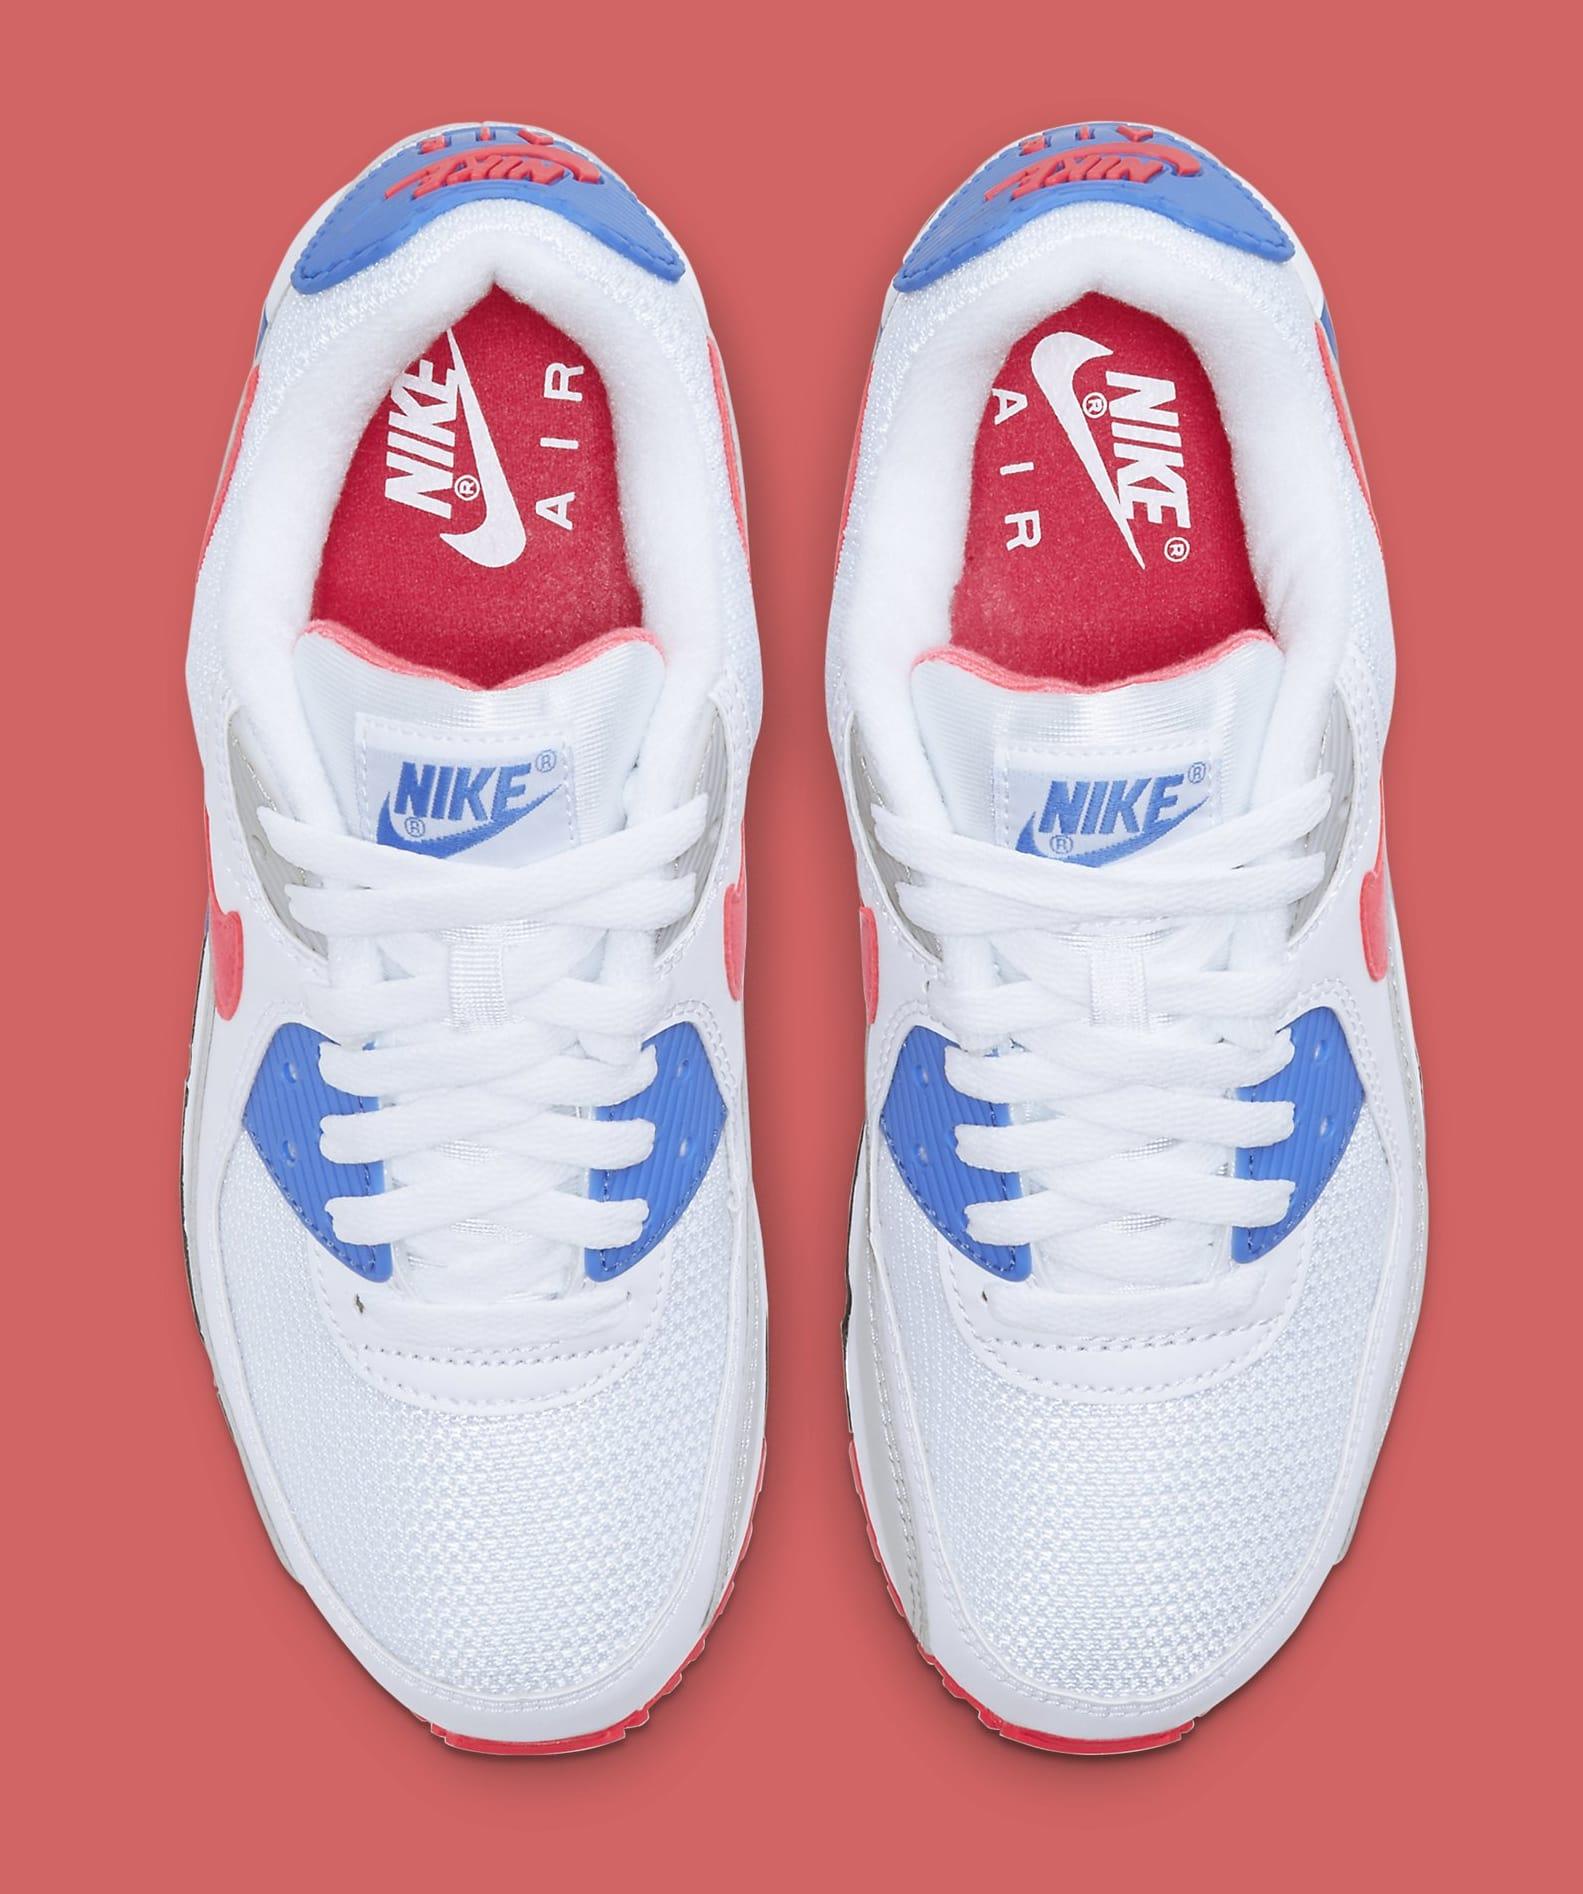 Nike Air Max 90 'Hot Coral' DA8856-100 (Top)